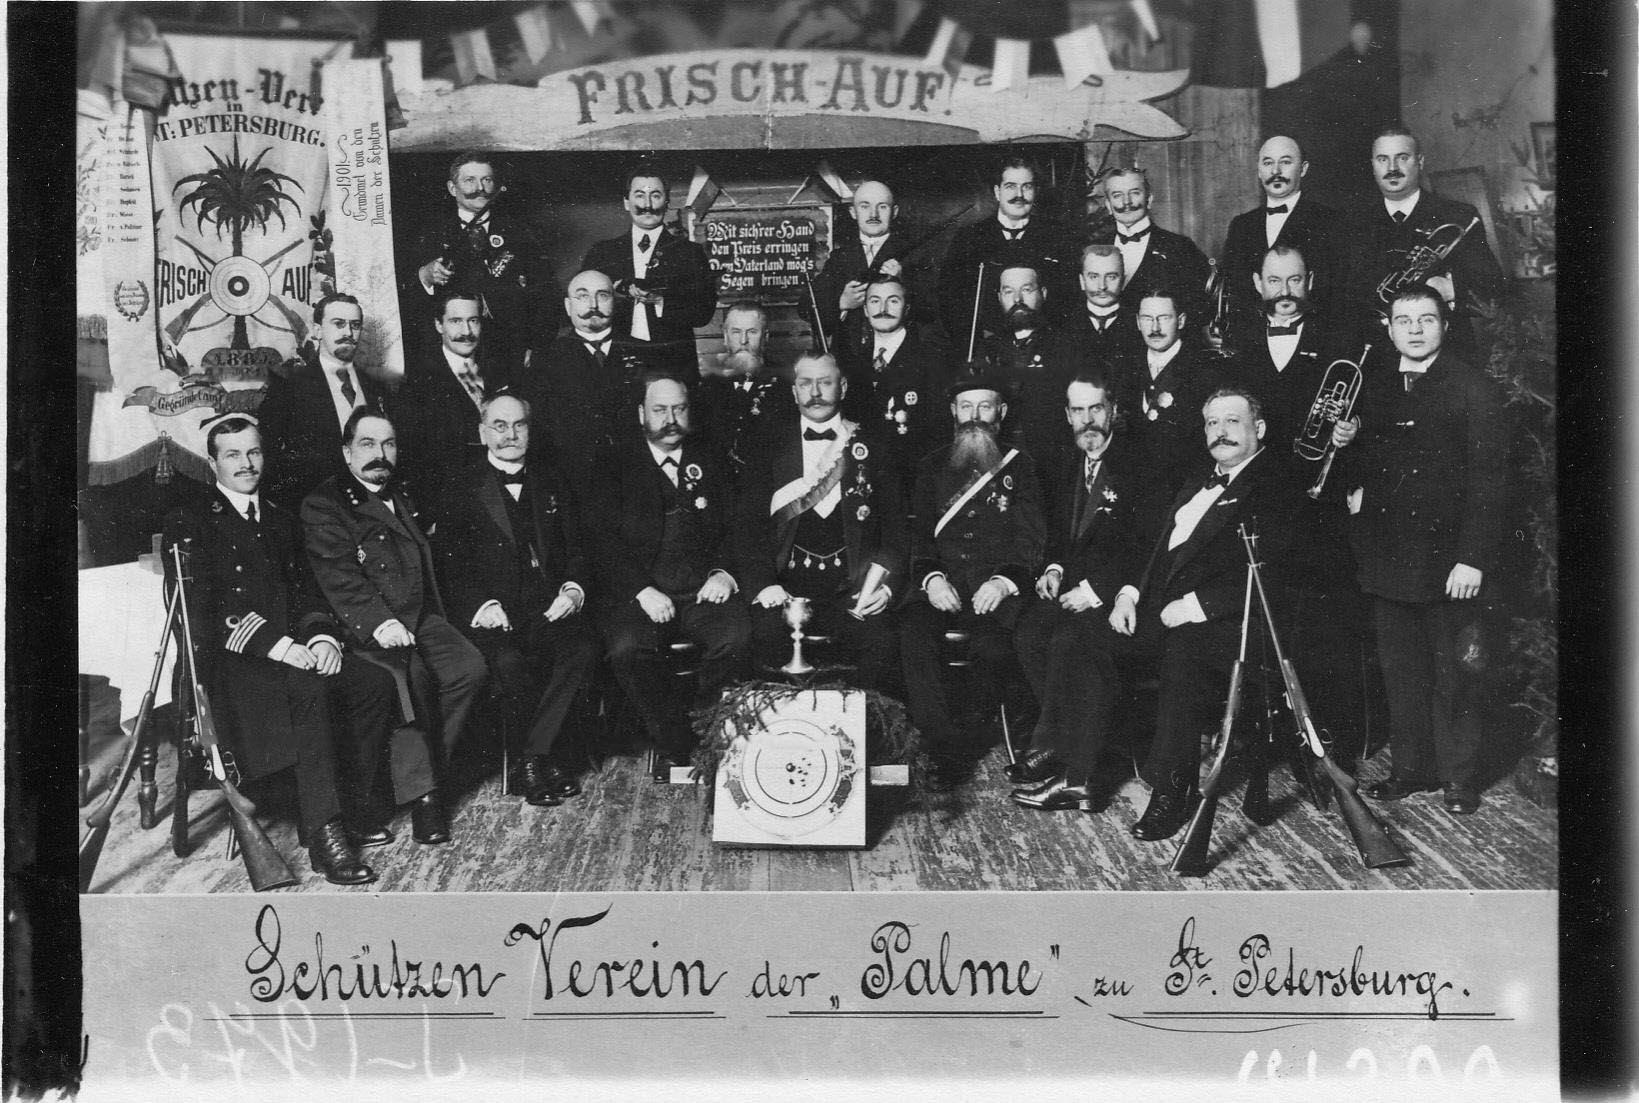 Победители состязаний по стрельбе с наградами на сцене зала Гимнастического общества «Пальма» во время их чествования